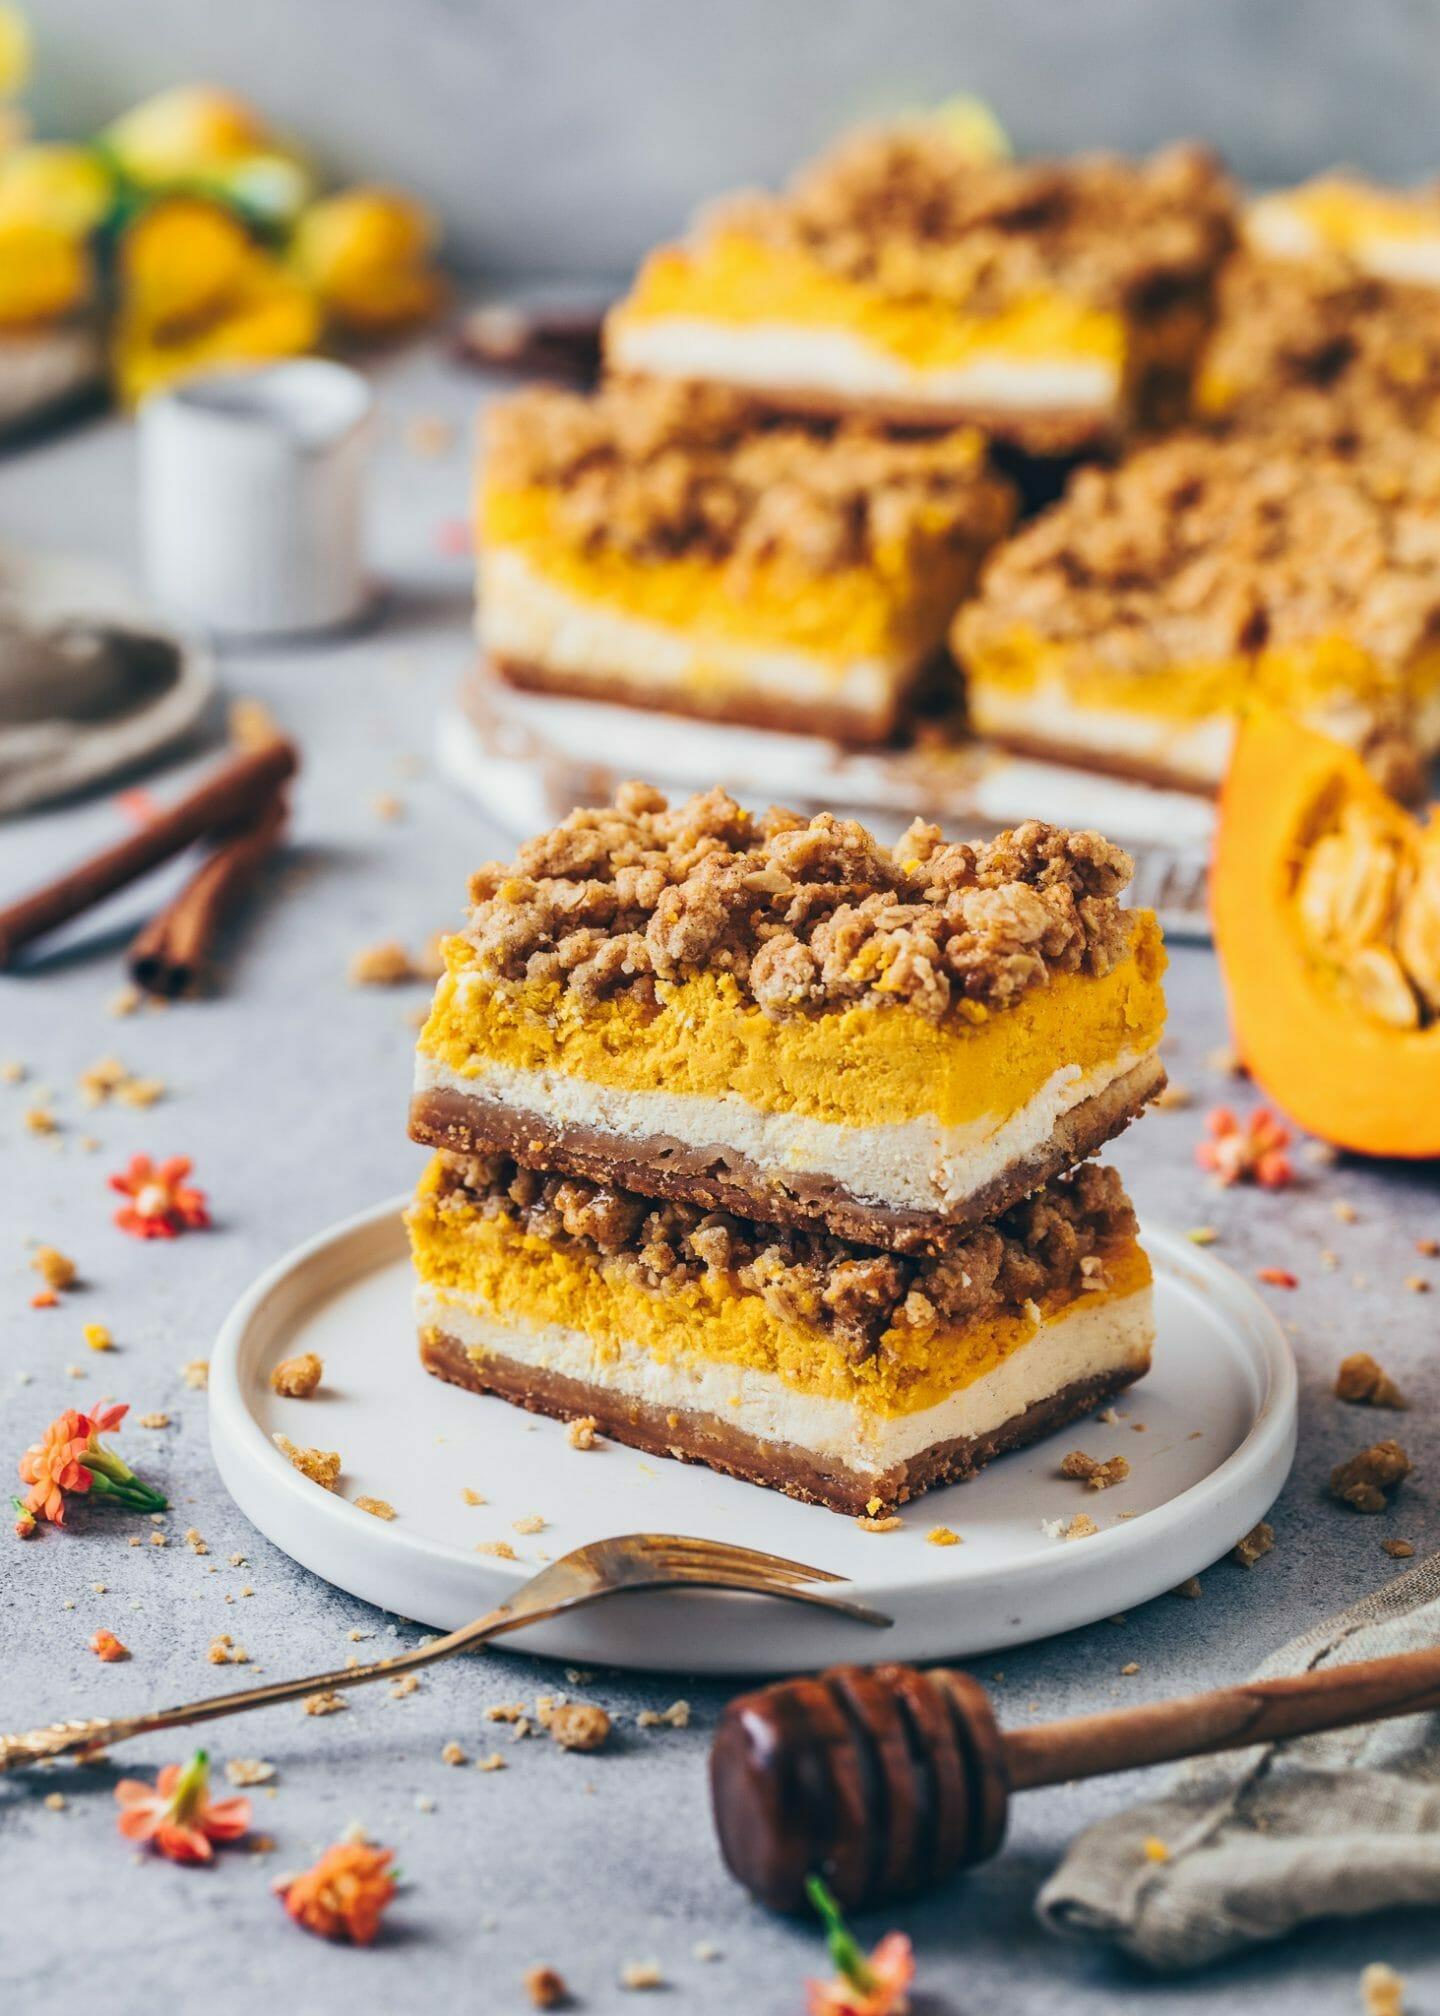 Kürbis Cheesecake mit Zimt-Streuseln